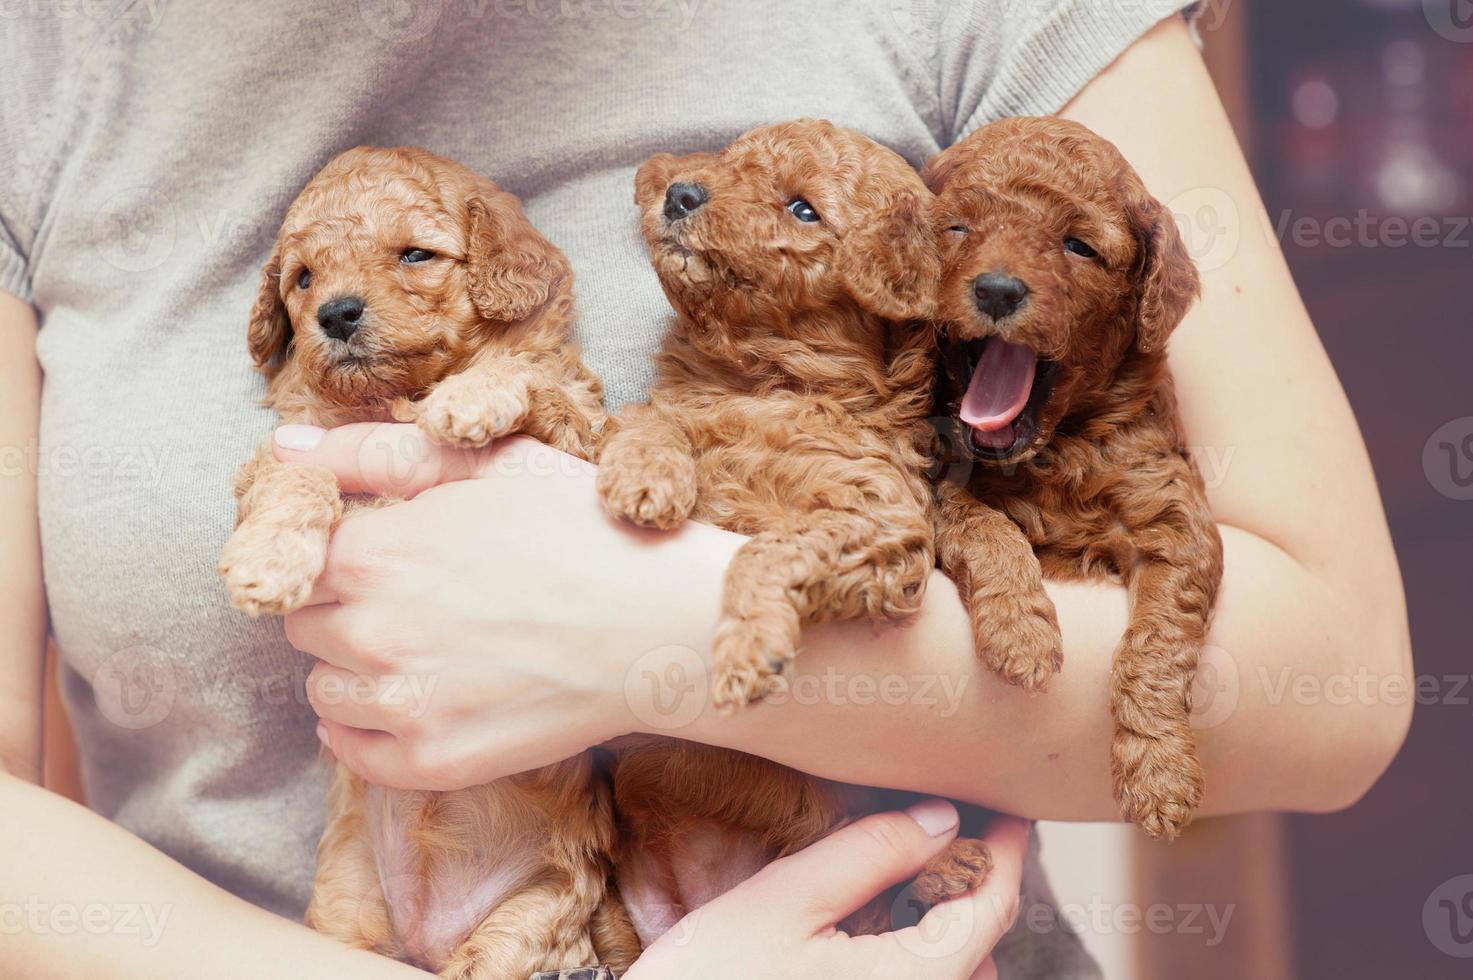 cuccioli di barboncino toy foto